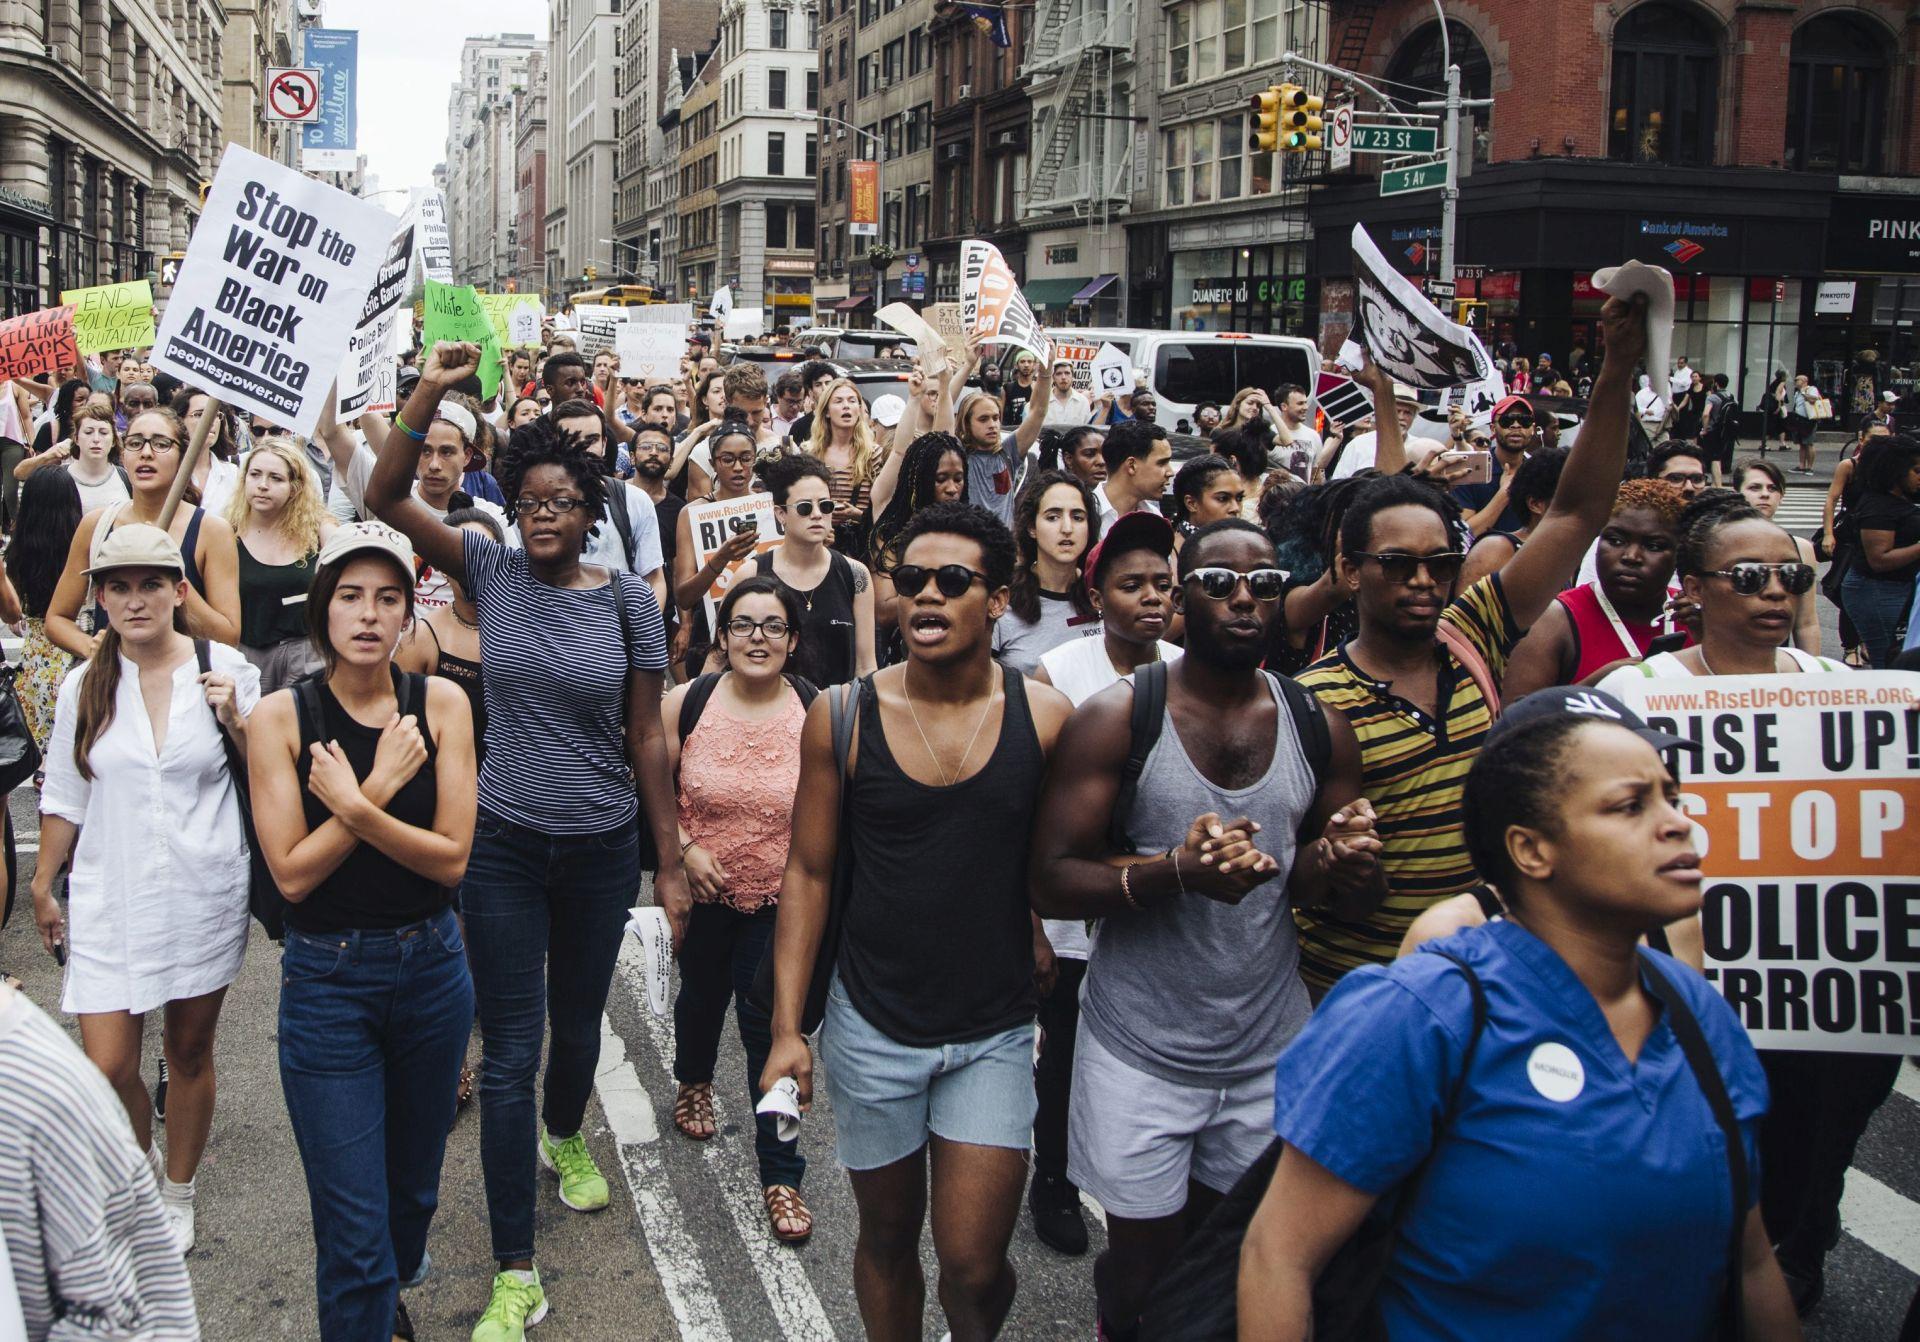 VIŠE OD 200 UHIĆENIH: U SAD-u i dalje vladaju napetosti između crnaca i policajaca